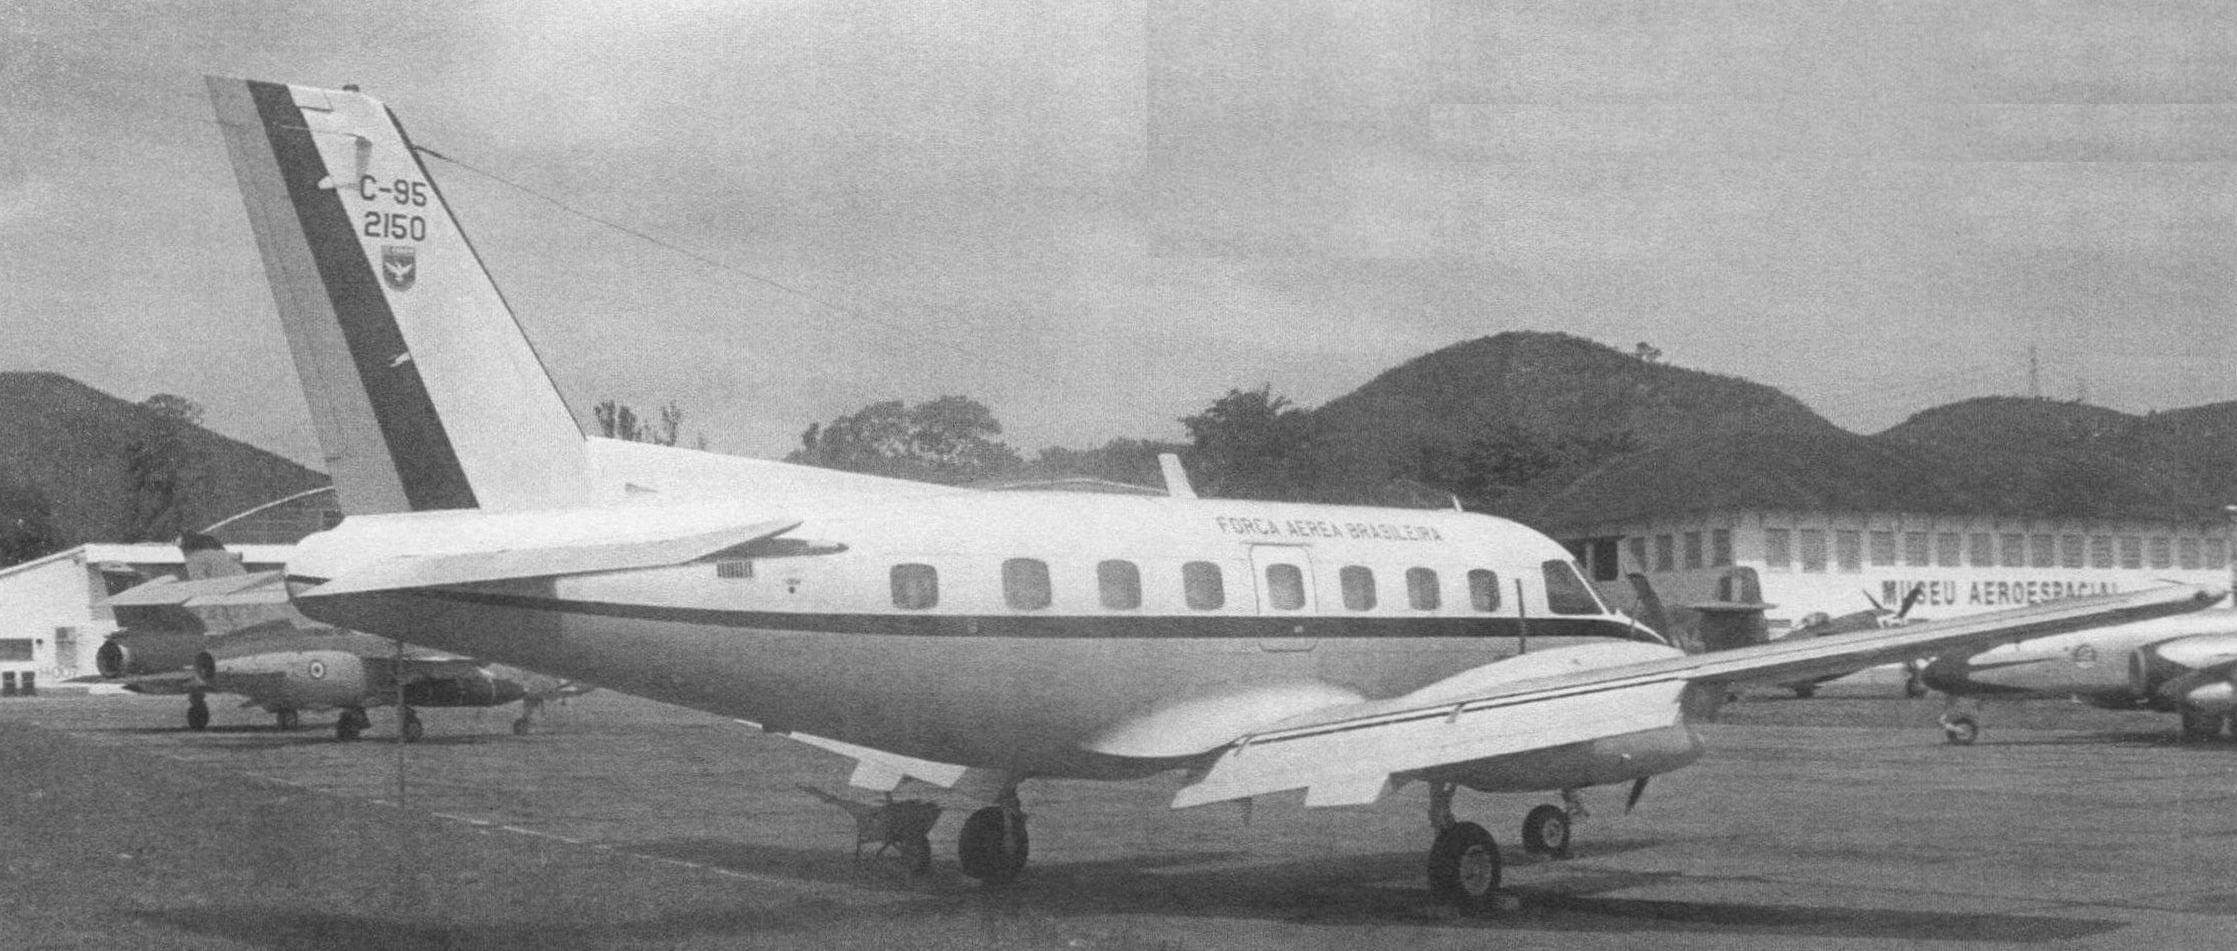 С-95, фирменное обозначение ЕМВ-110 «Бандейранте» - первый пассажирский самолет, серийно строившийся в Бразилии